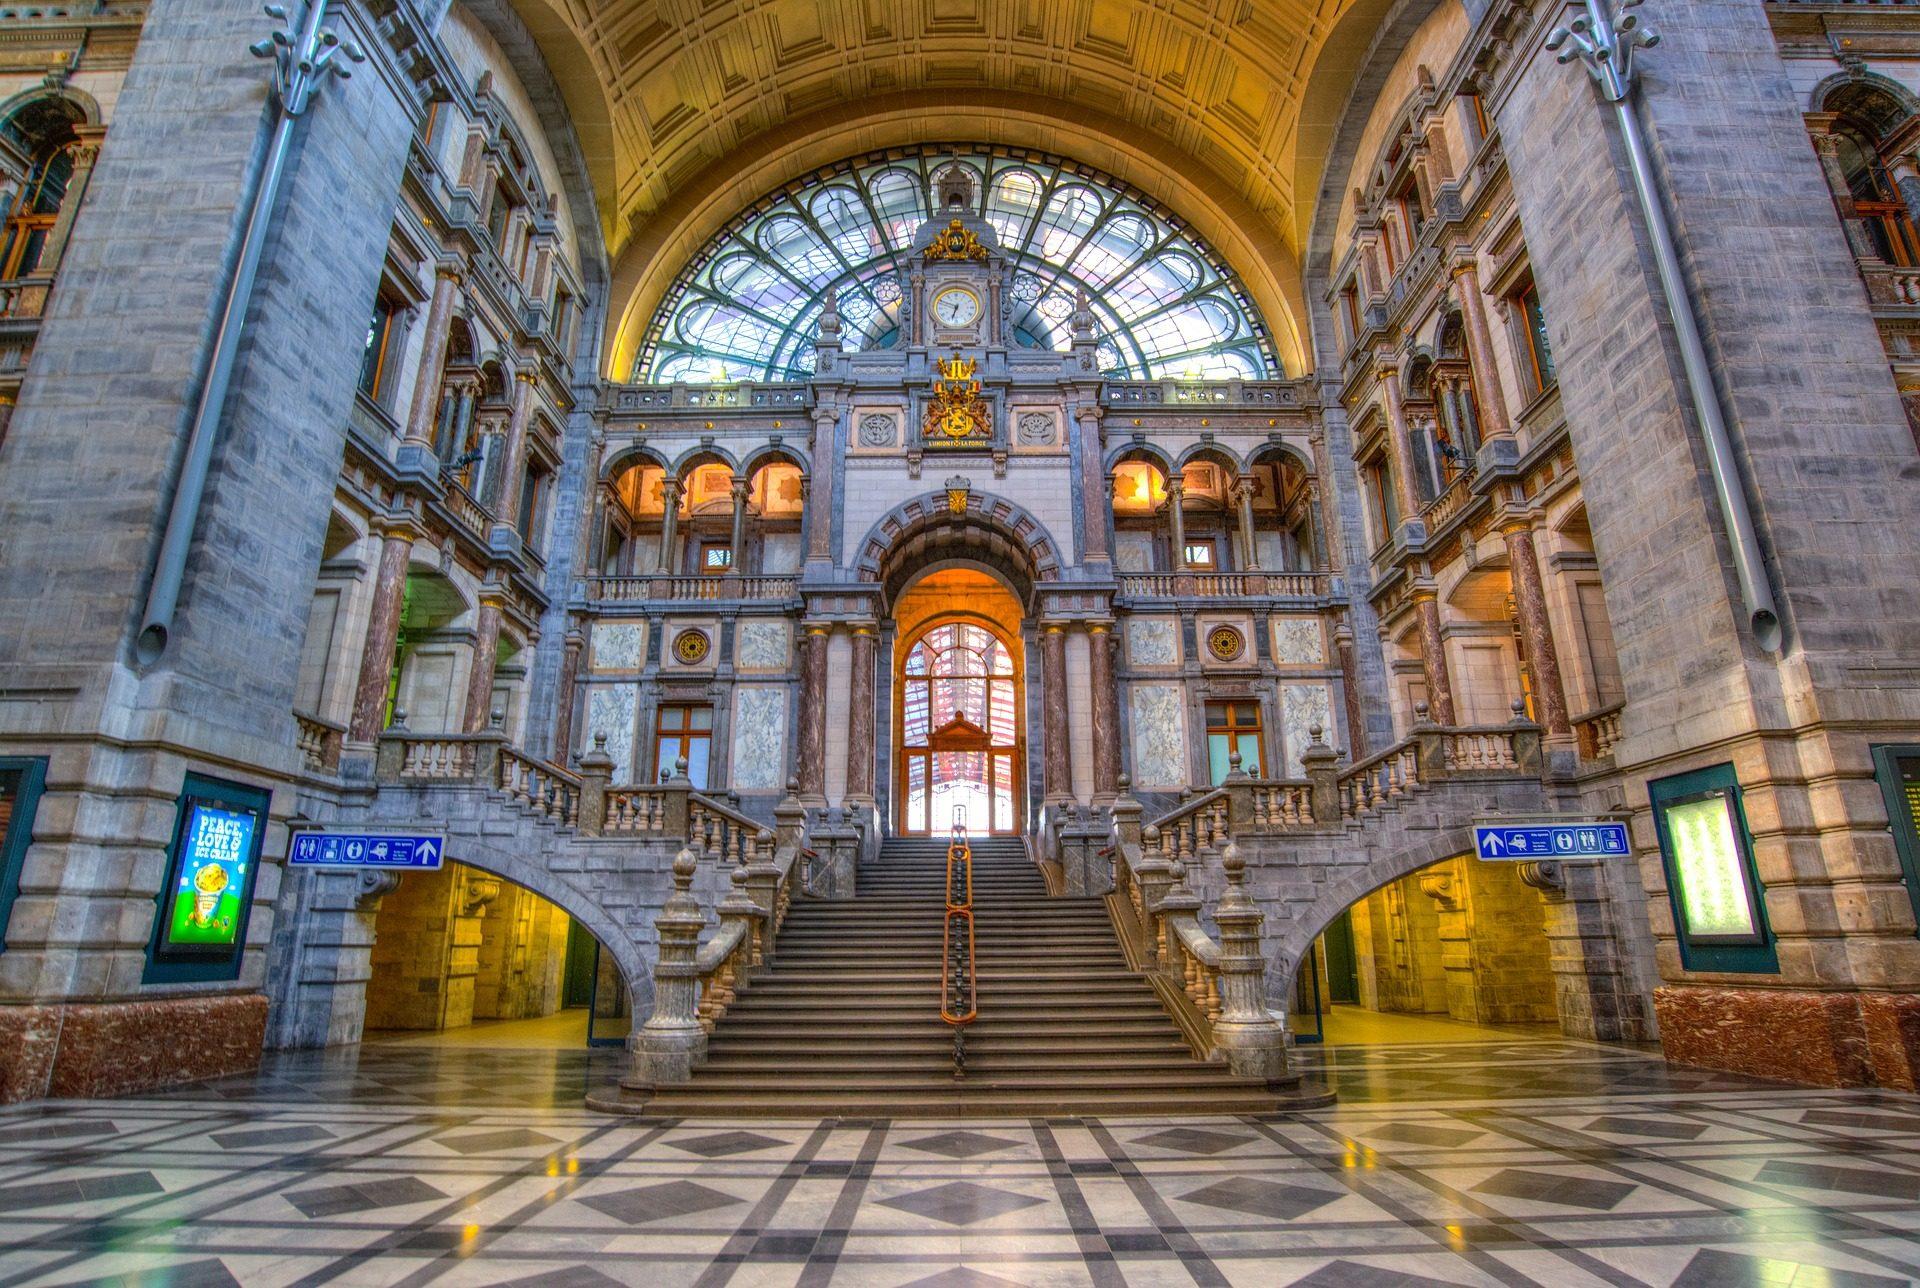 स्टेशन, रेलवे, बिल्डिंग, वास्तुकला, एंटवर्प, बेल्जियम - HD वॉलपेपर - प्रोफेसर-falken.com